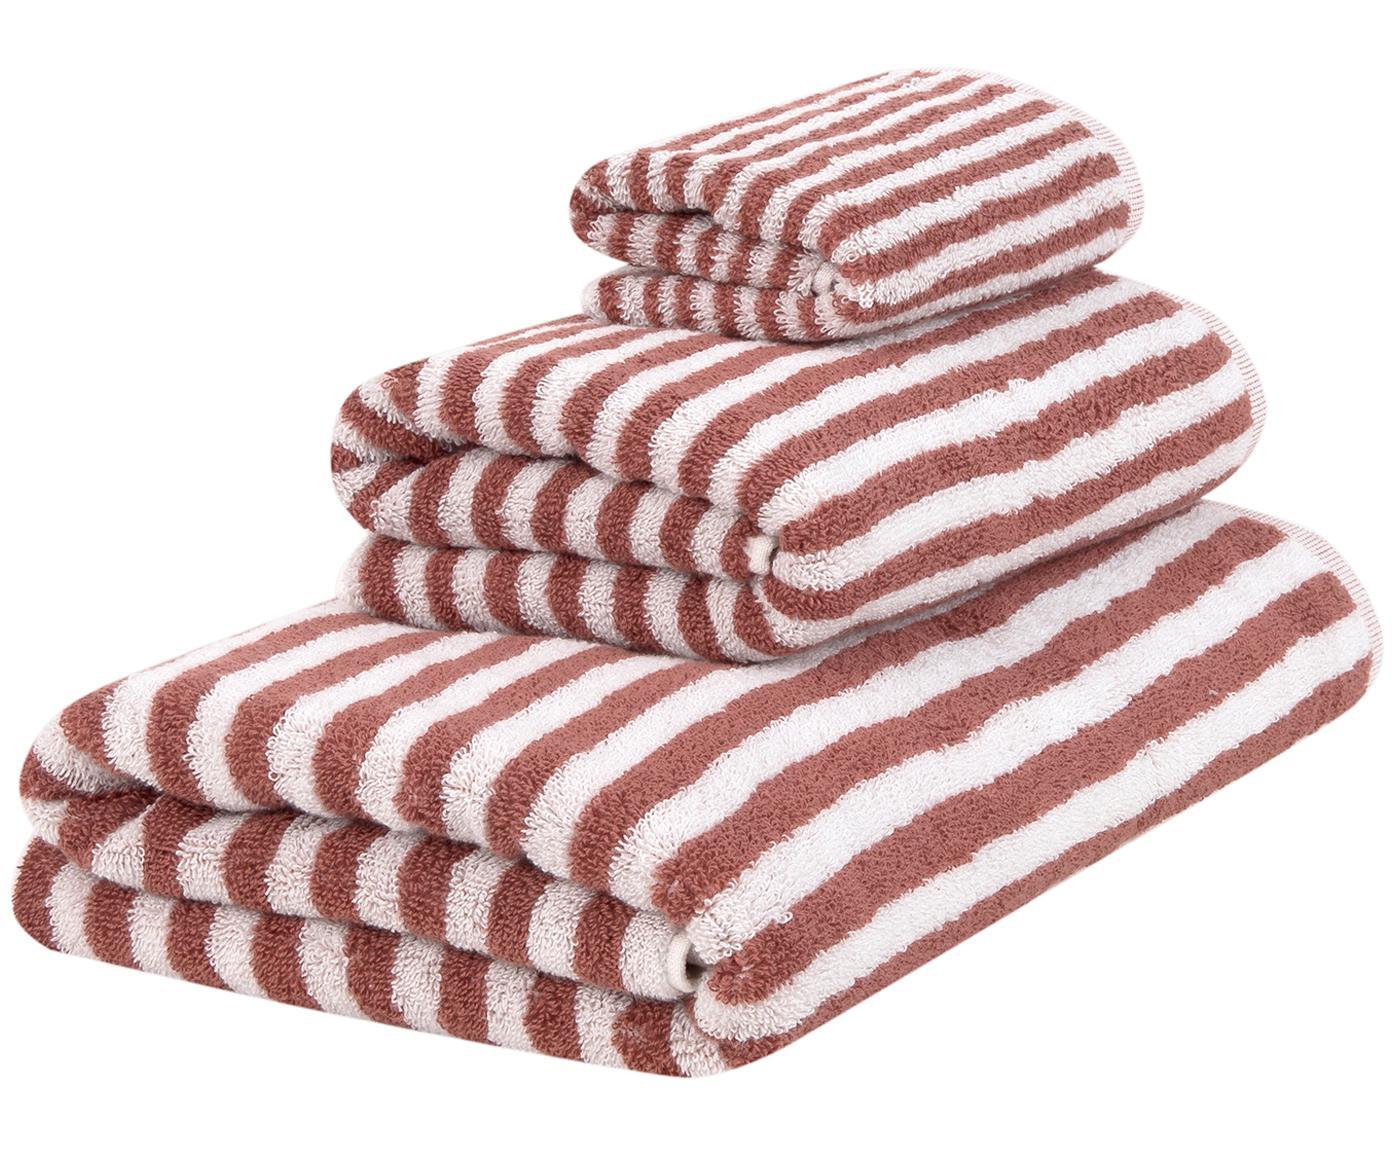 Set asciugamani reversibili Viola 3 pz, 100% cotone, qualità media 550 g/m², Terracotta, bianco crema, Diverse dimensioni